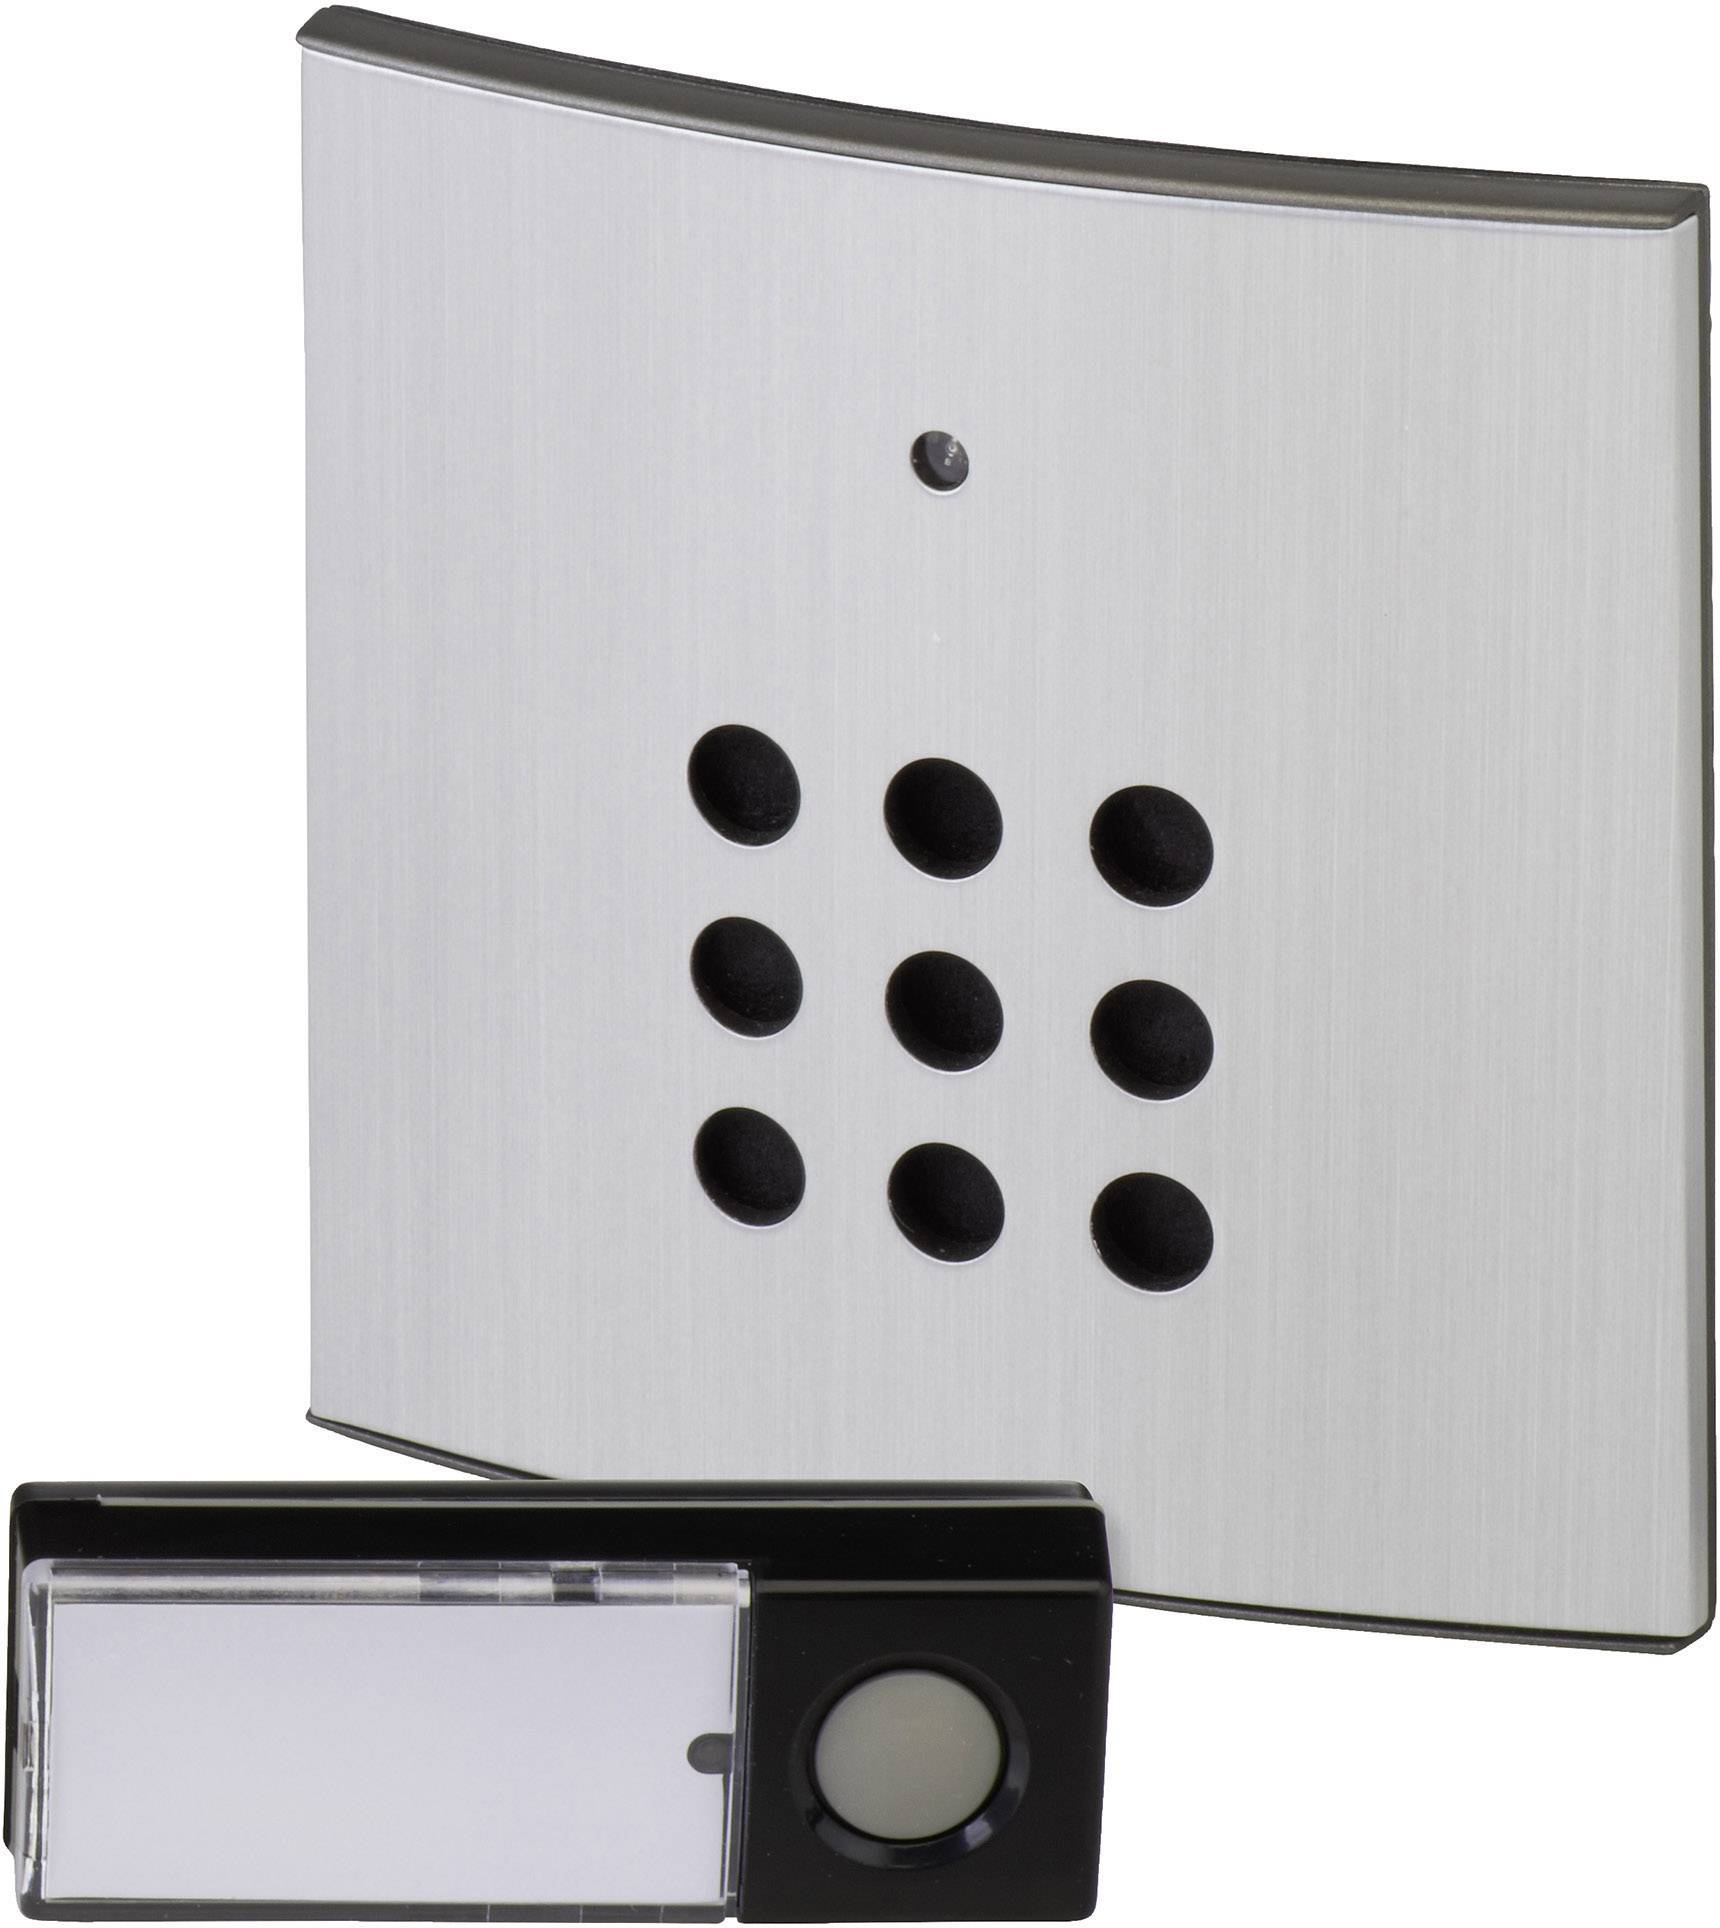 Bezdrôtový zvonček Heidemann HX Style 70821, kompletná sada, max. dosah 150 m, strieborná, čierna